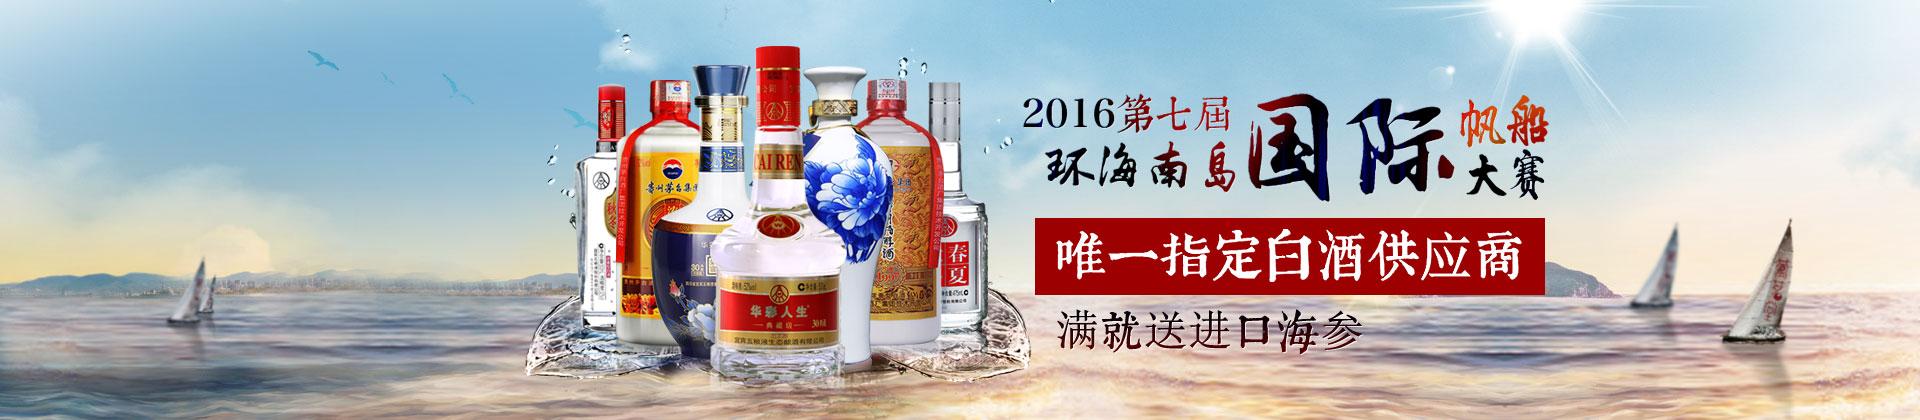 2016第七届环海南岛国际大帆船赛——商城白酒banner图